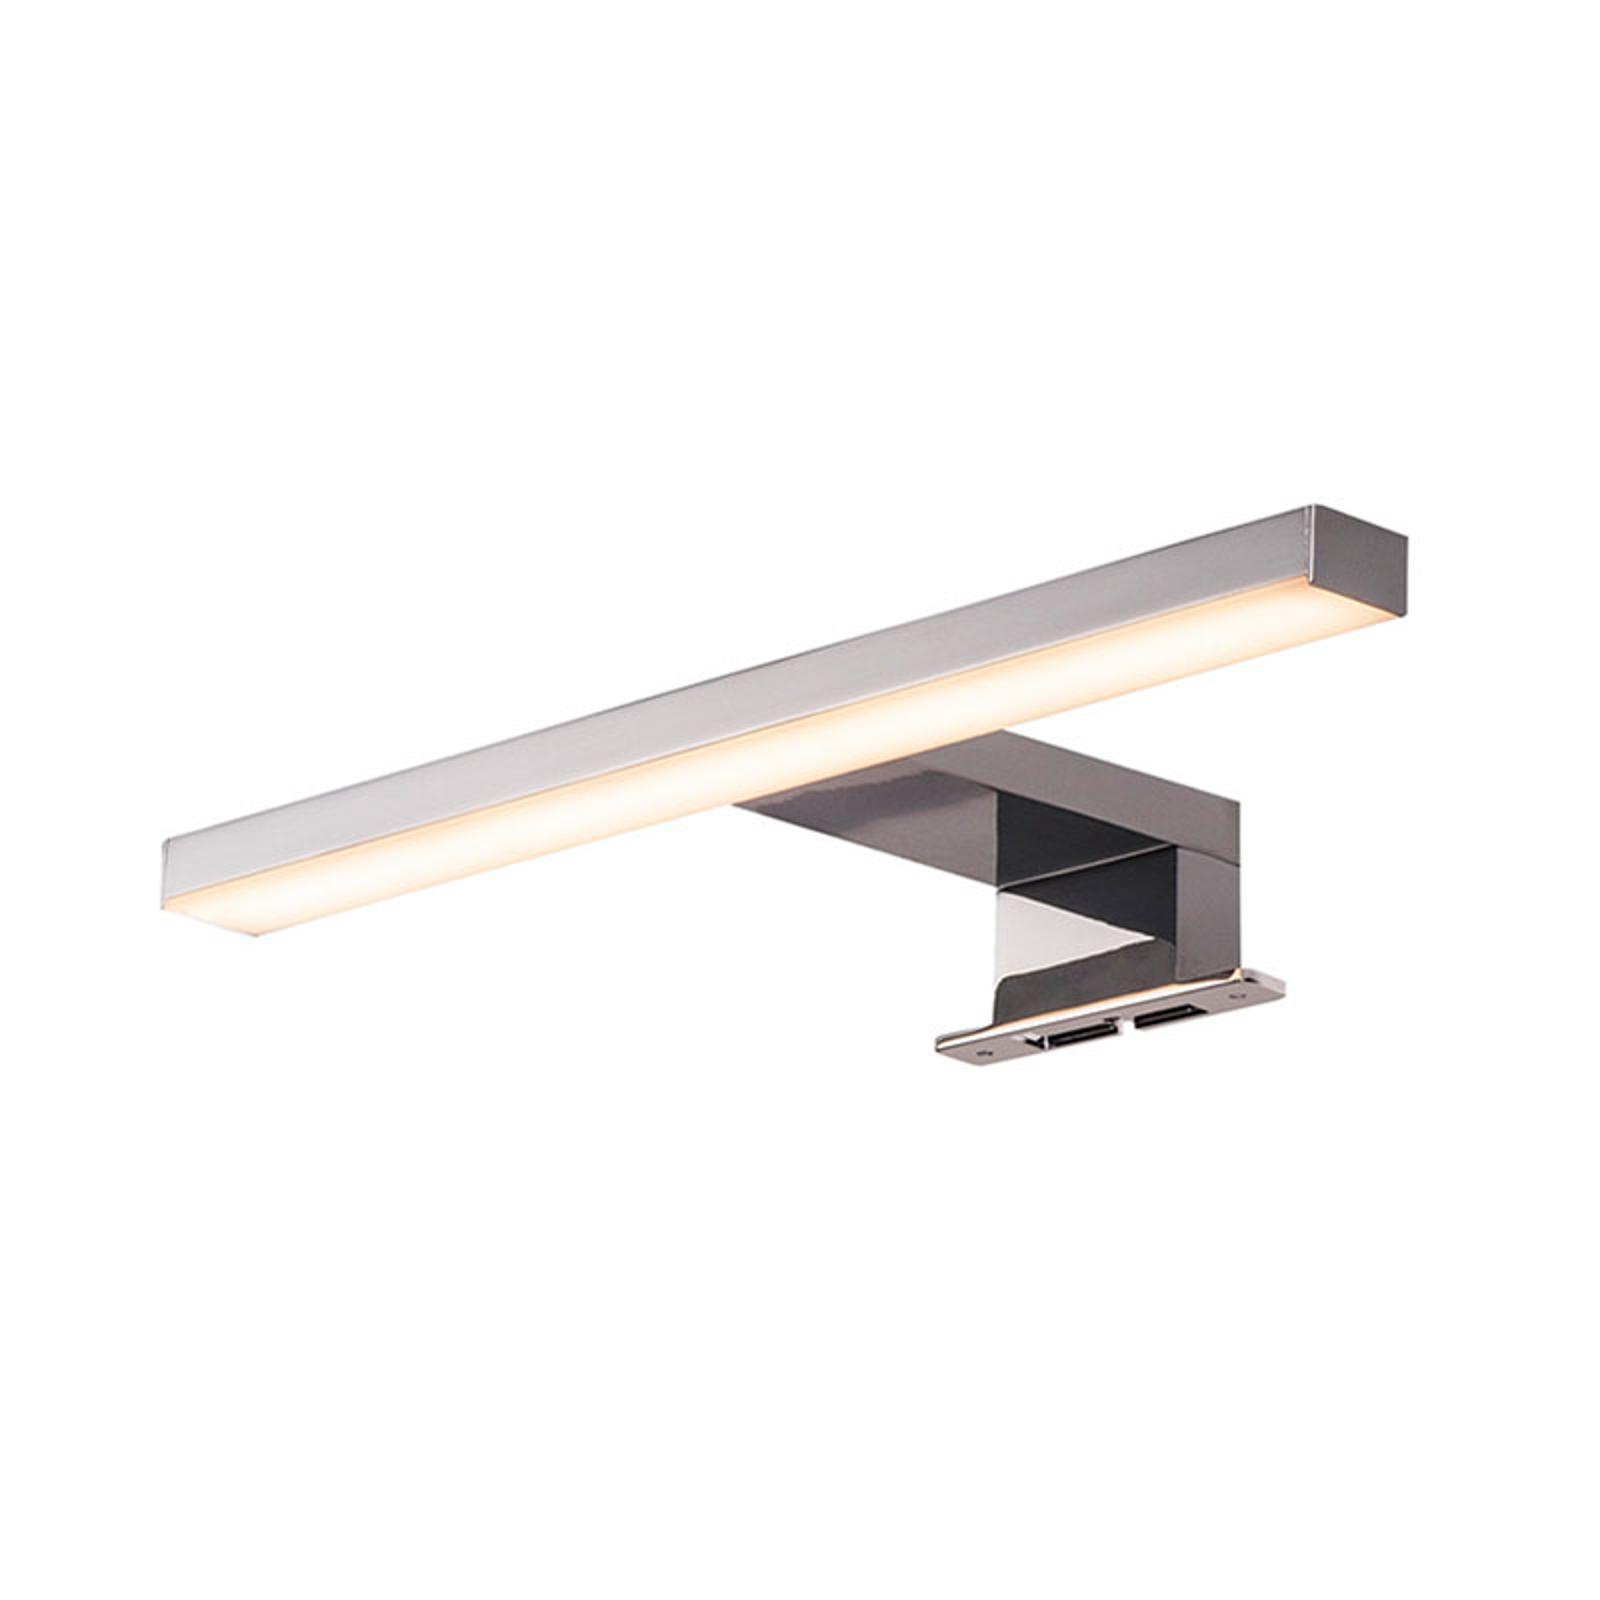 SLV Dorisa applique LED a pinza larga 30cm cromo